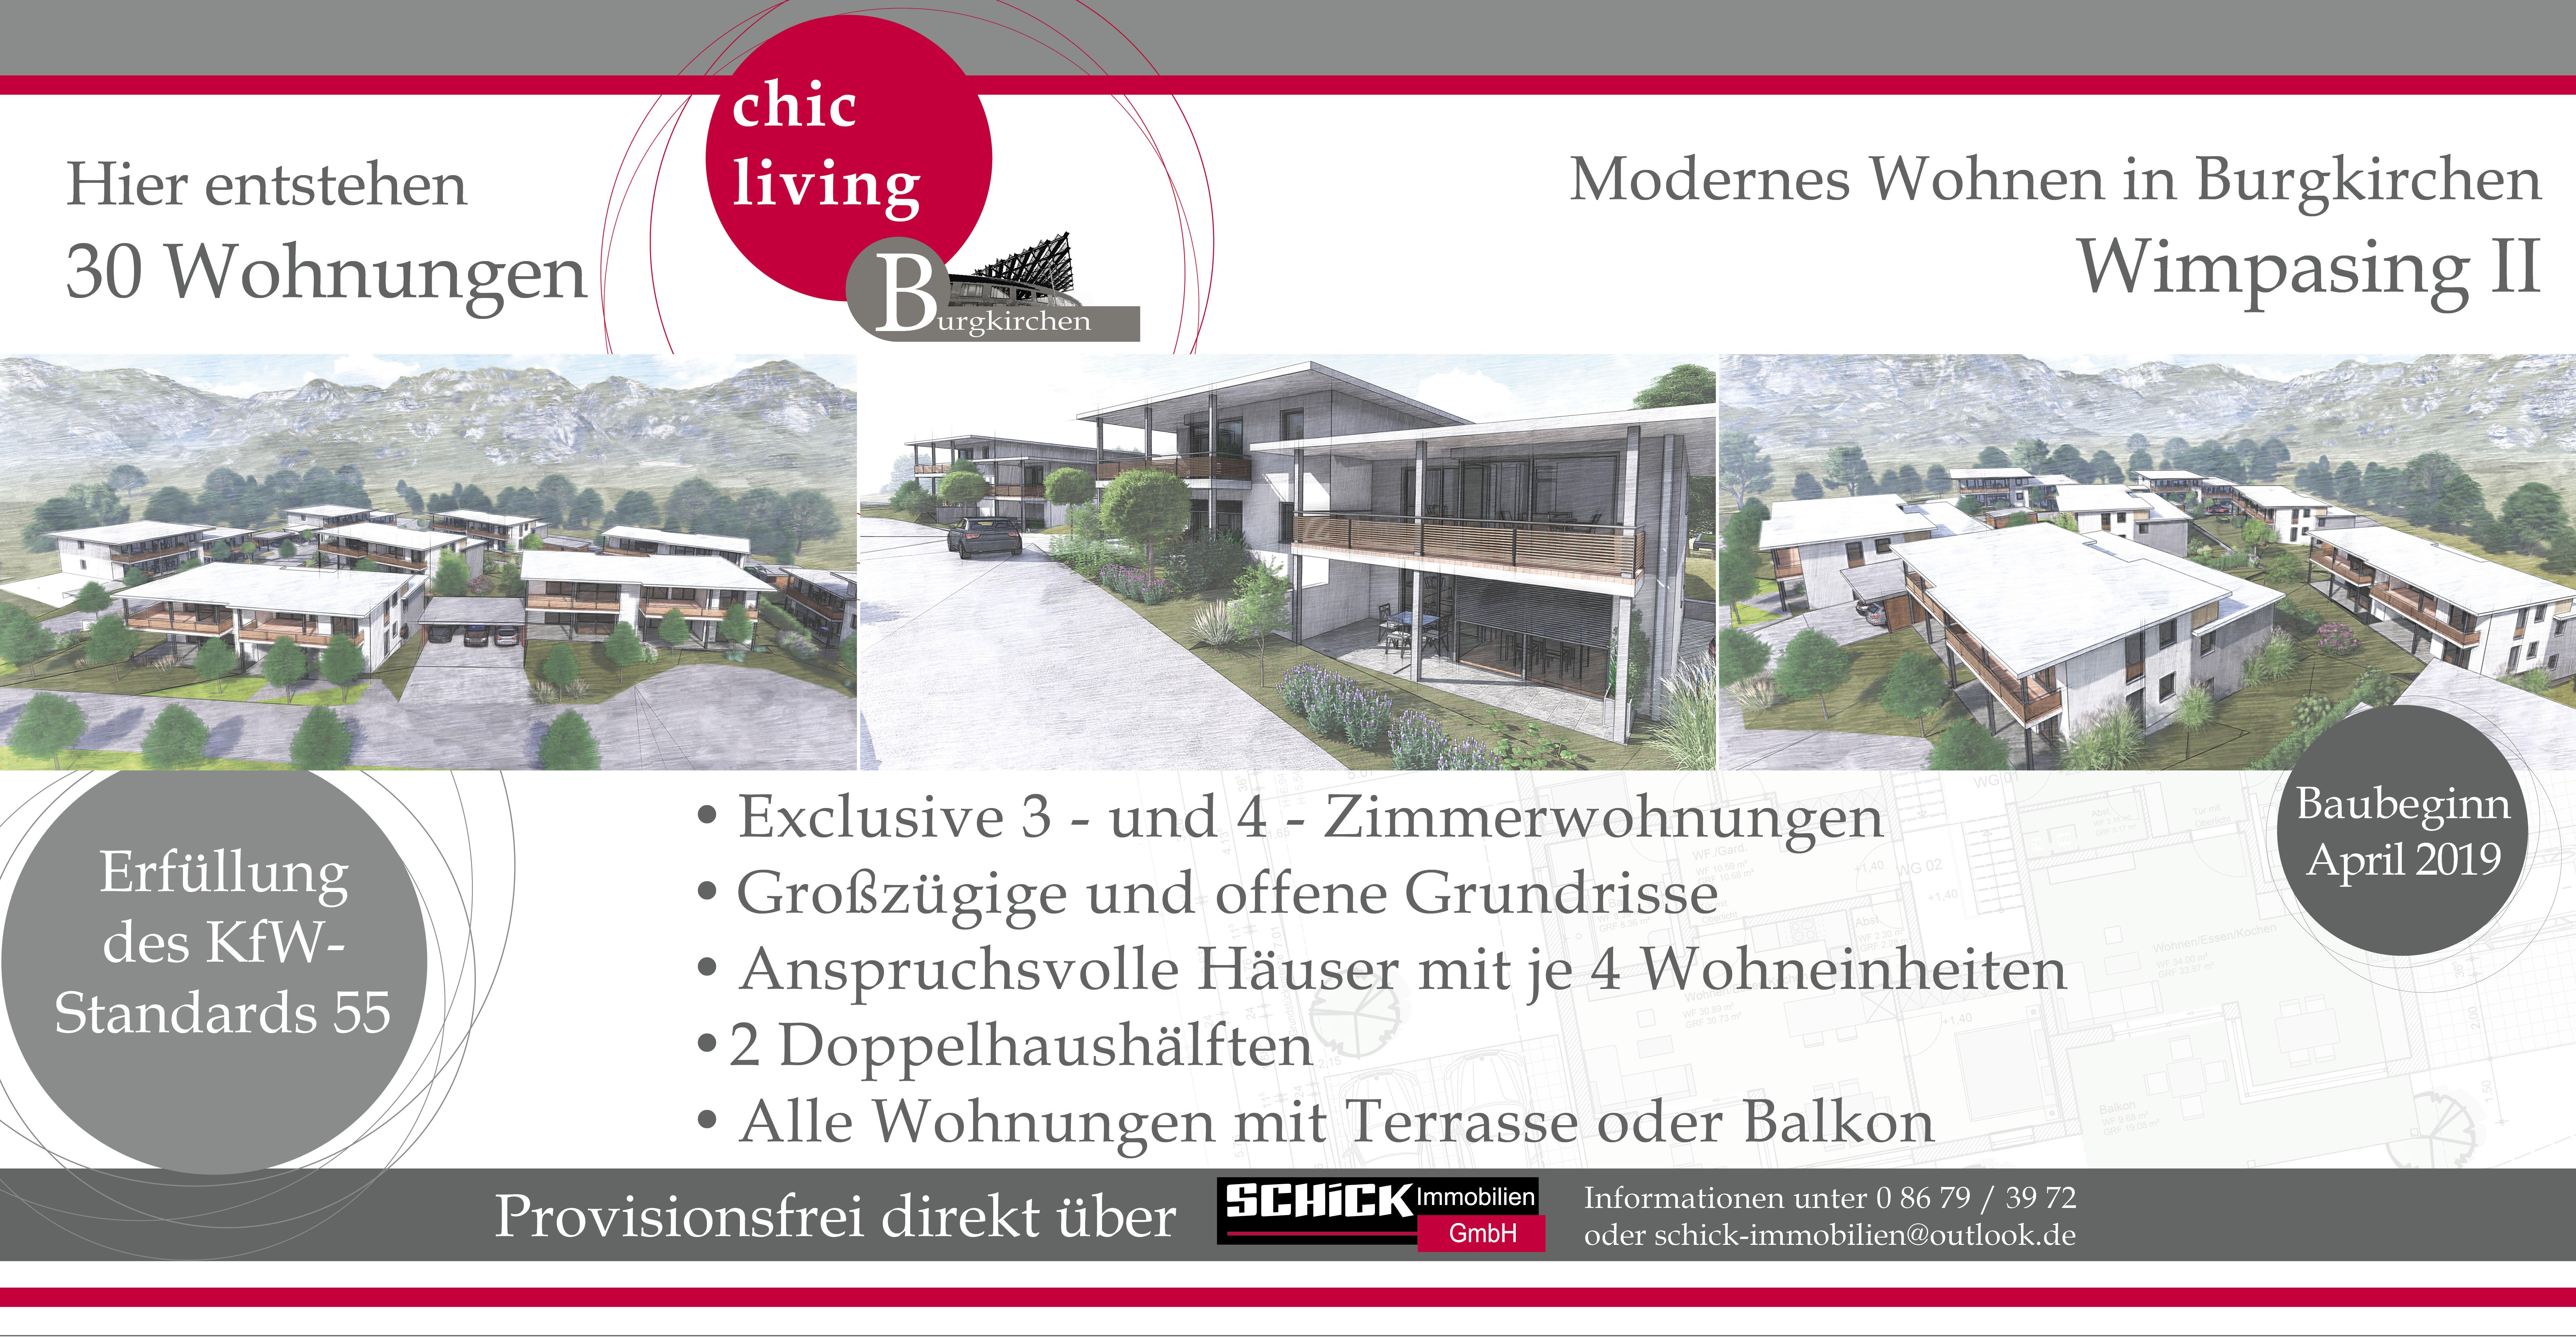 Schick Hans Immobilien Verkauf Und Vermietung Modernes Wohnen In